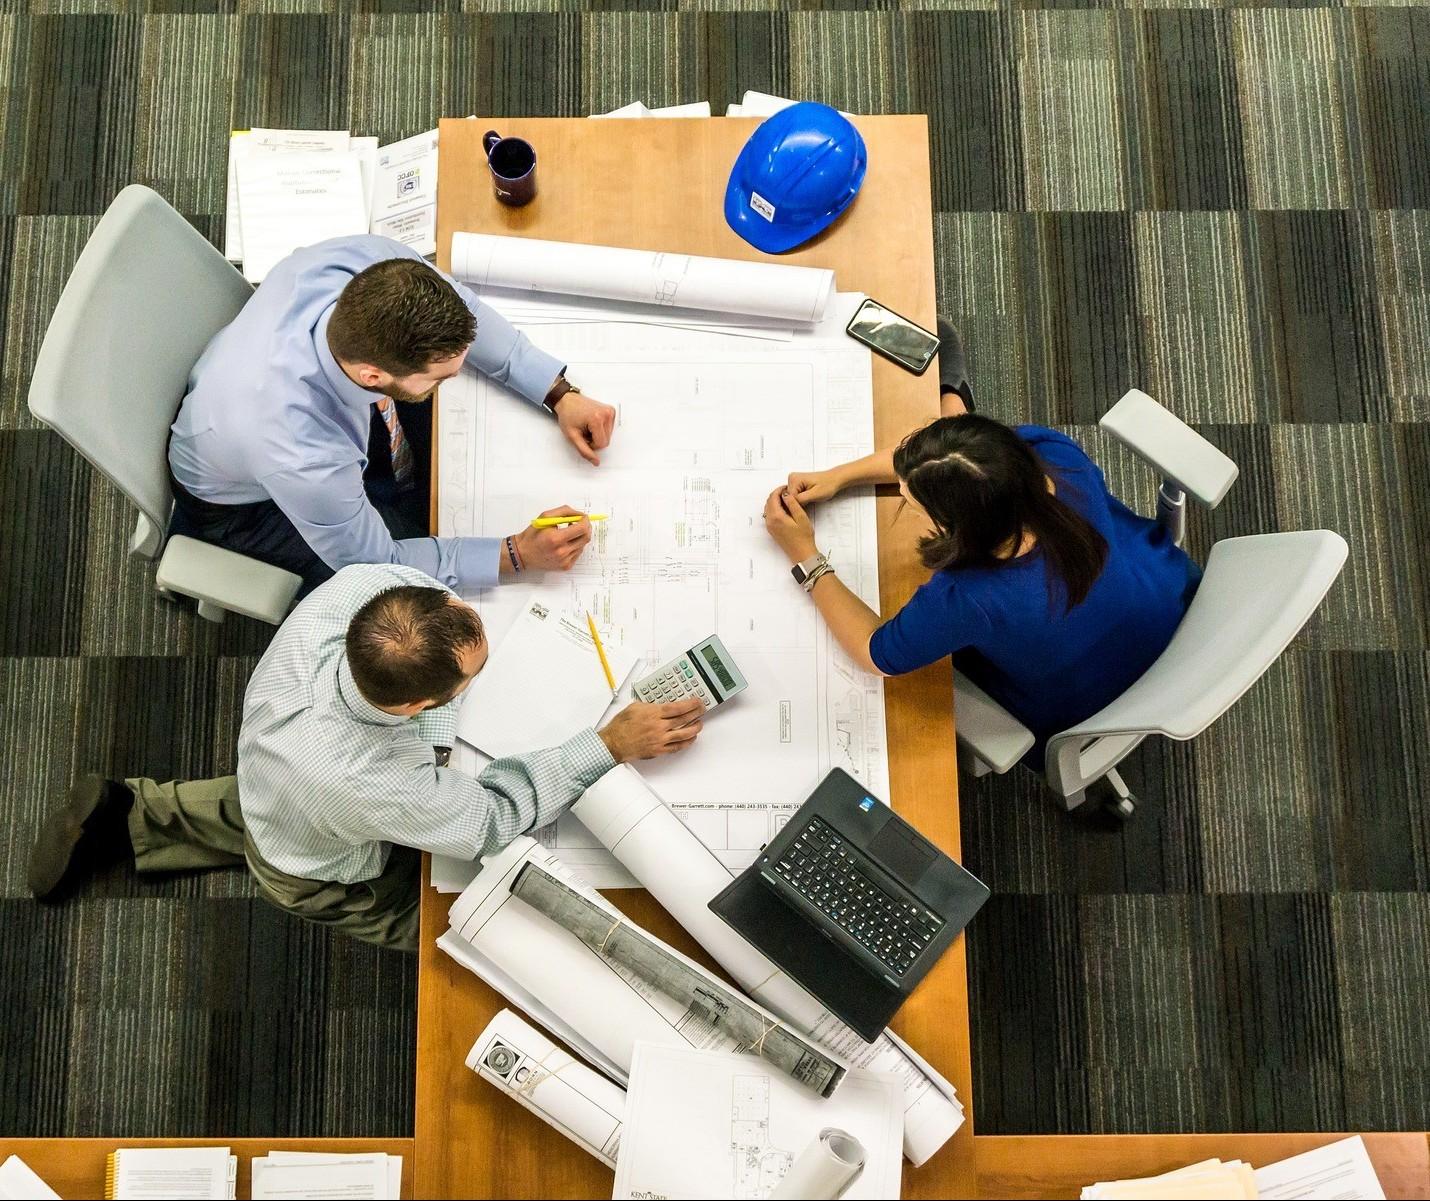 Como gerenciar conhecimento dentro da empresa?